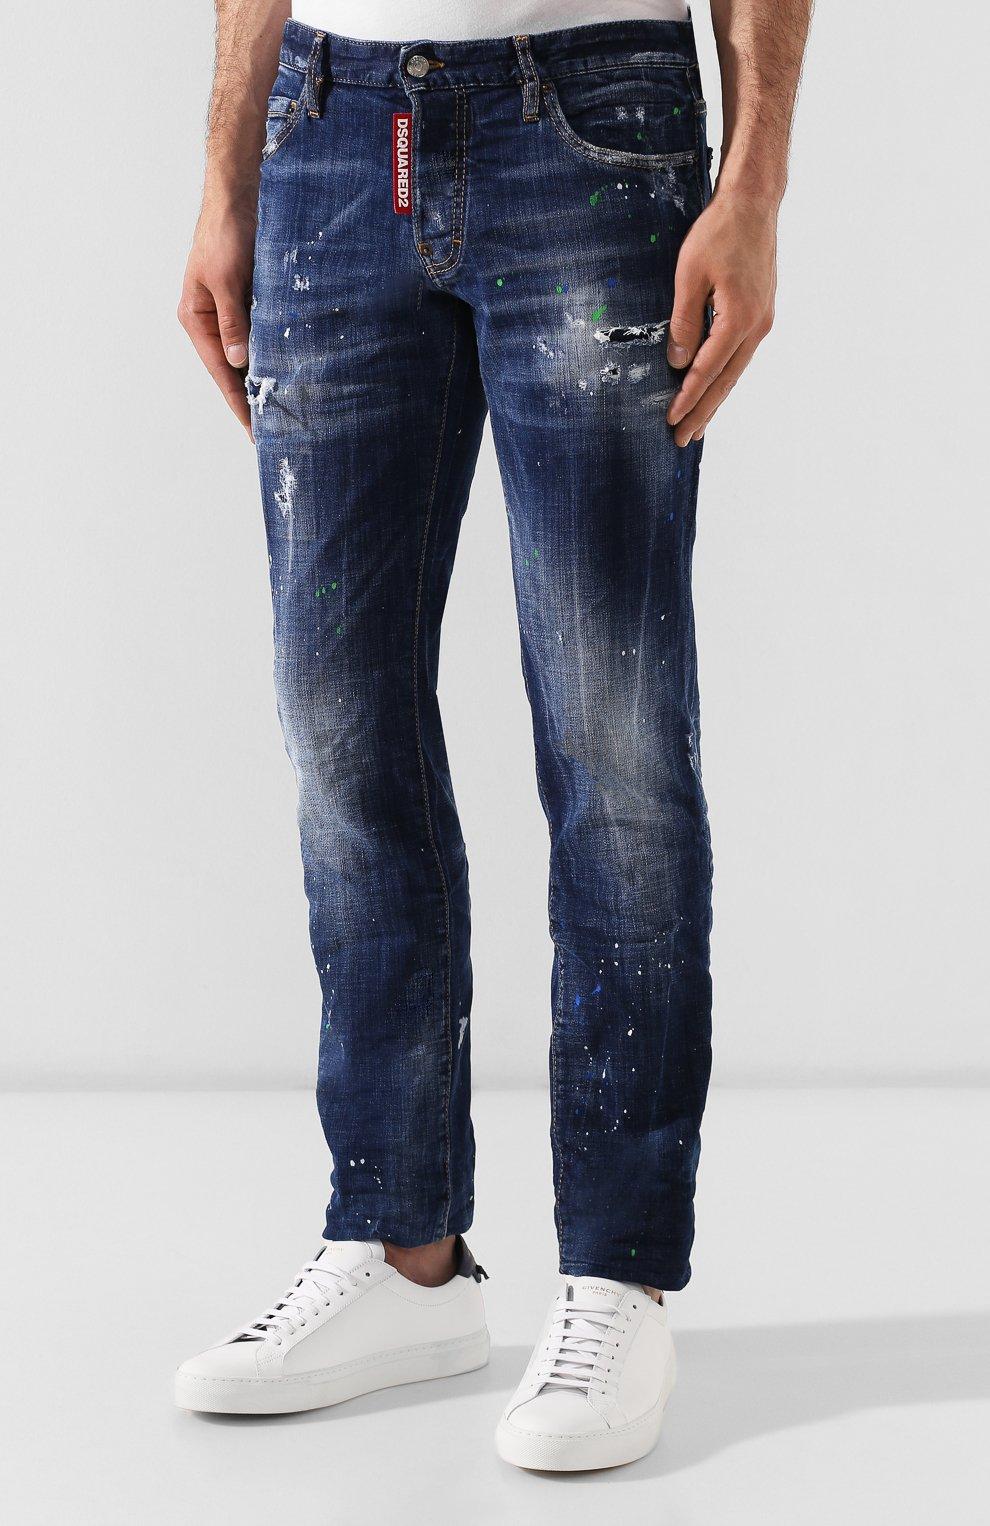 Мужские джинсы DSQUARED2 синего цвета, арт. S71LB0637/S30342   Фото 3